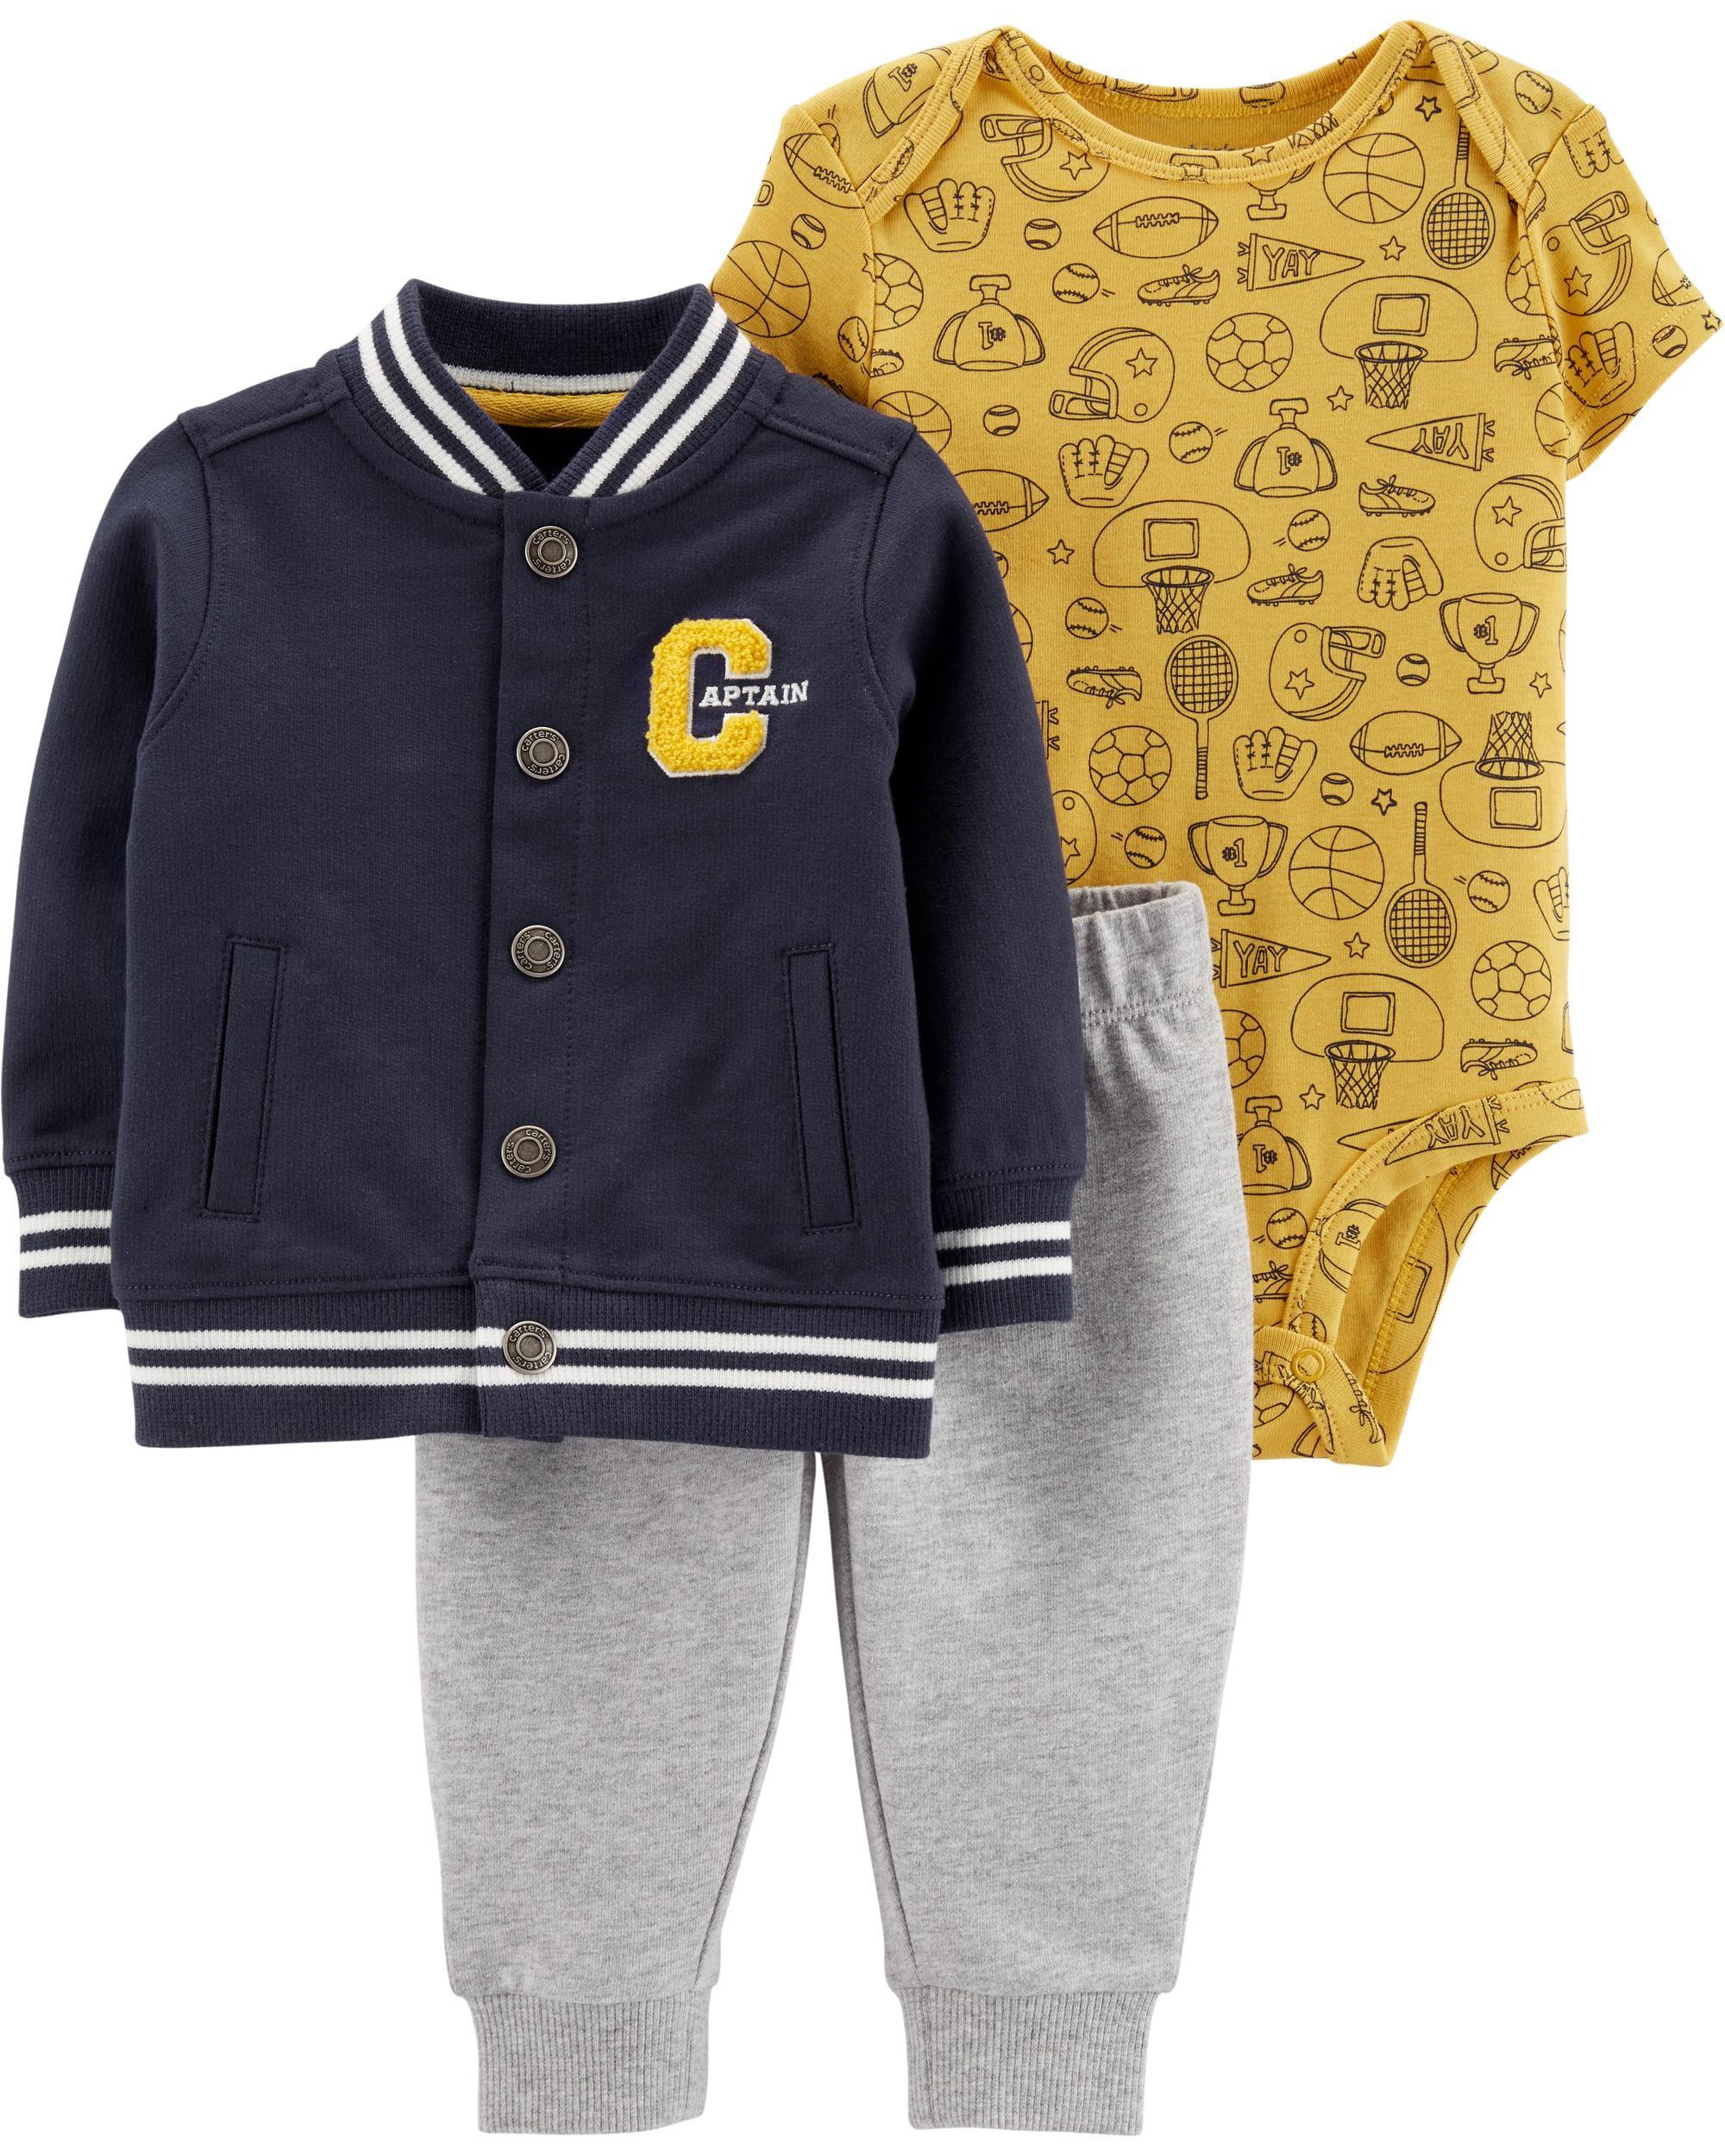 3-Piece Varsity Sports Little Jacket Set